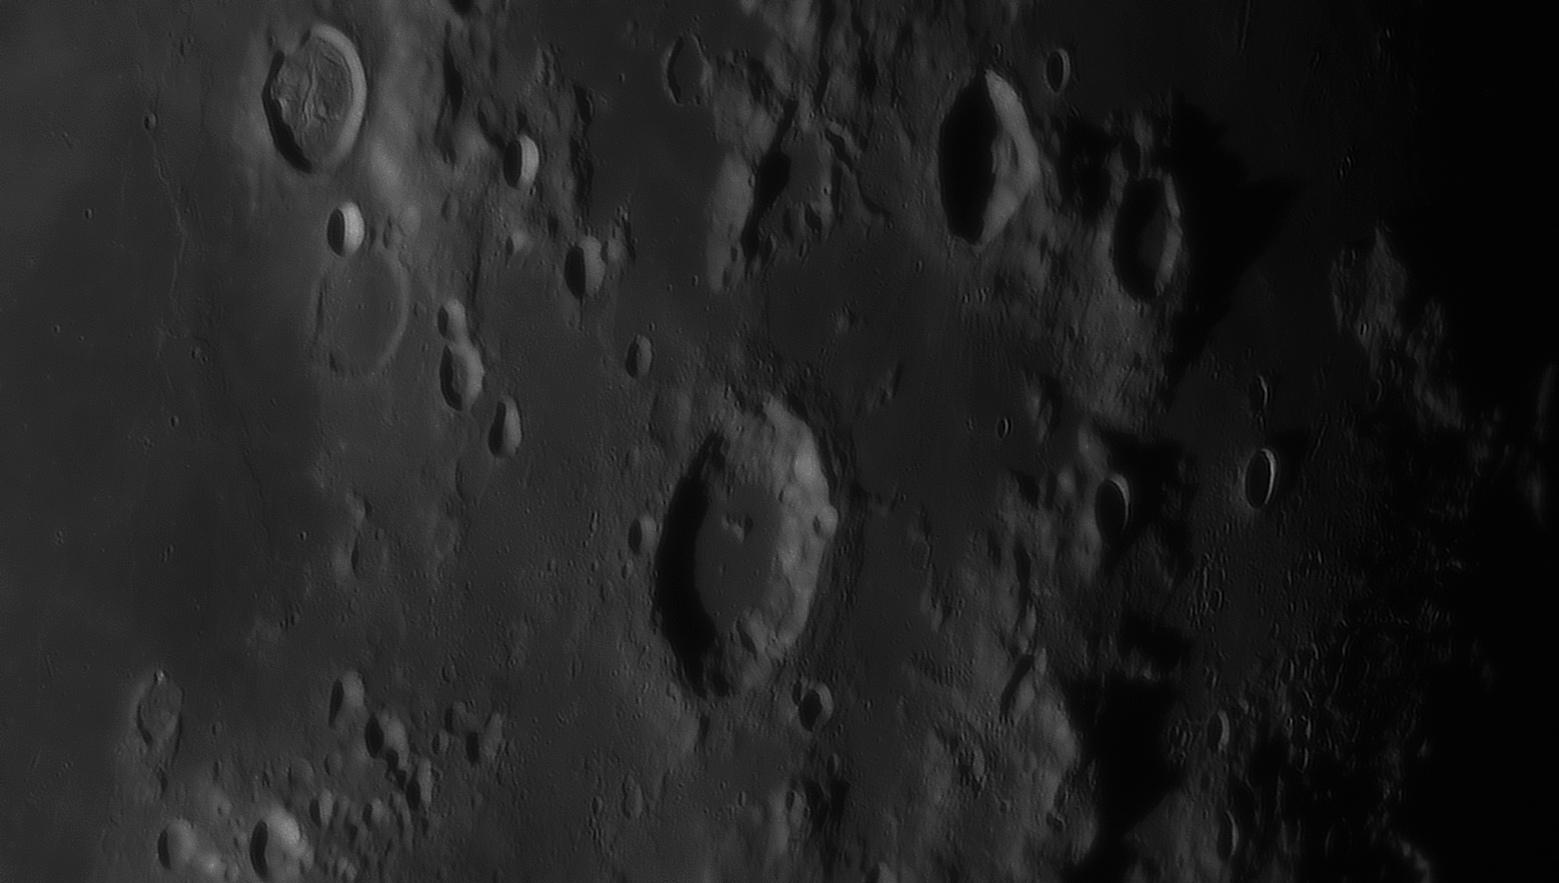 large.moon_17_09_2019_01_26.jpg.205cd4858bc79e16da82e9da120bc32d.jpg